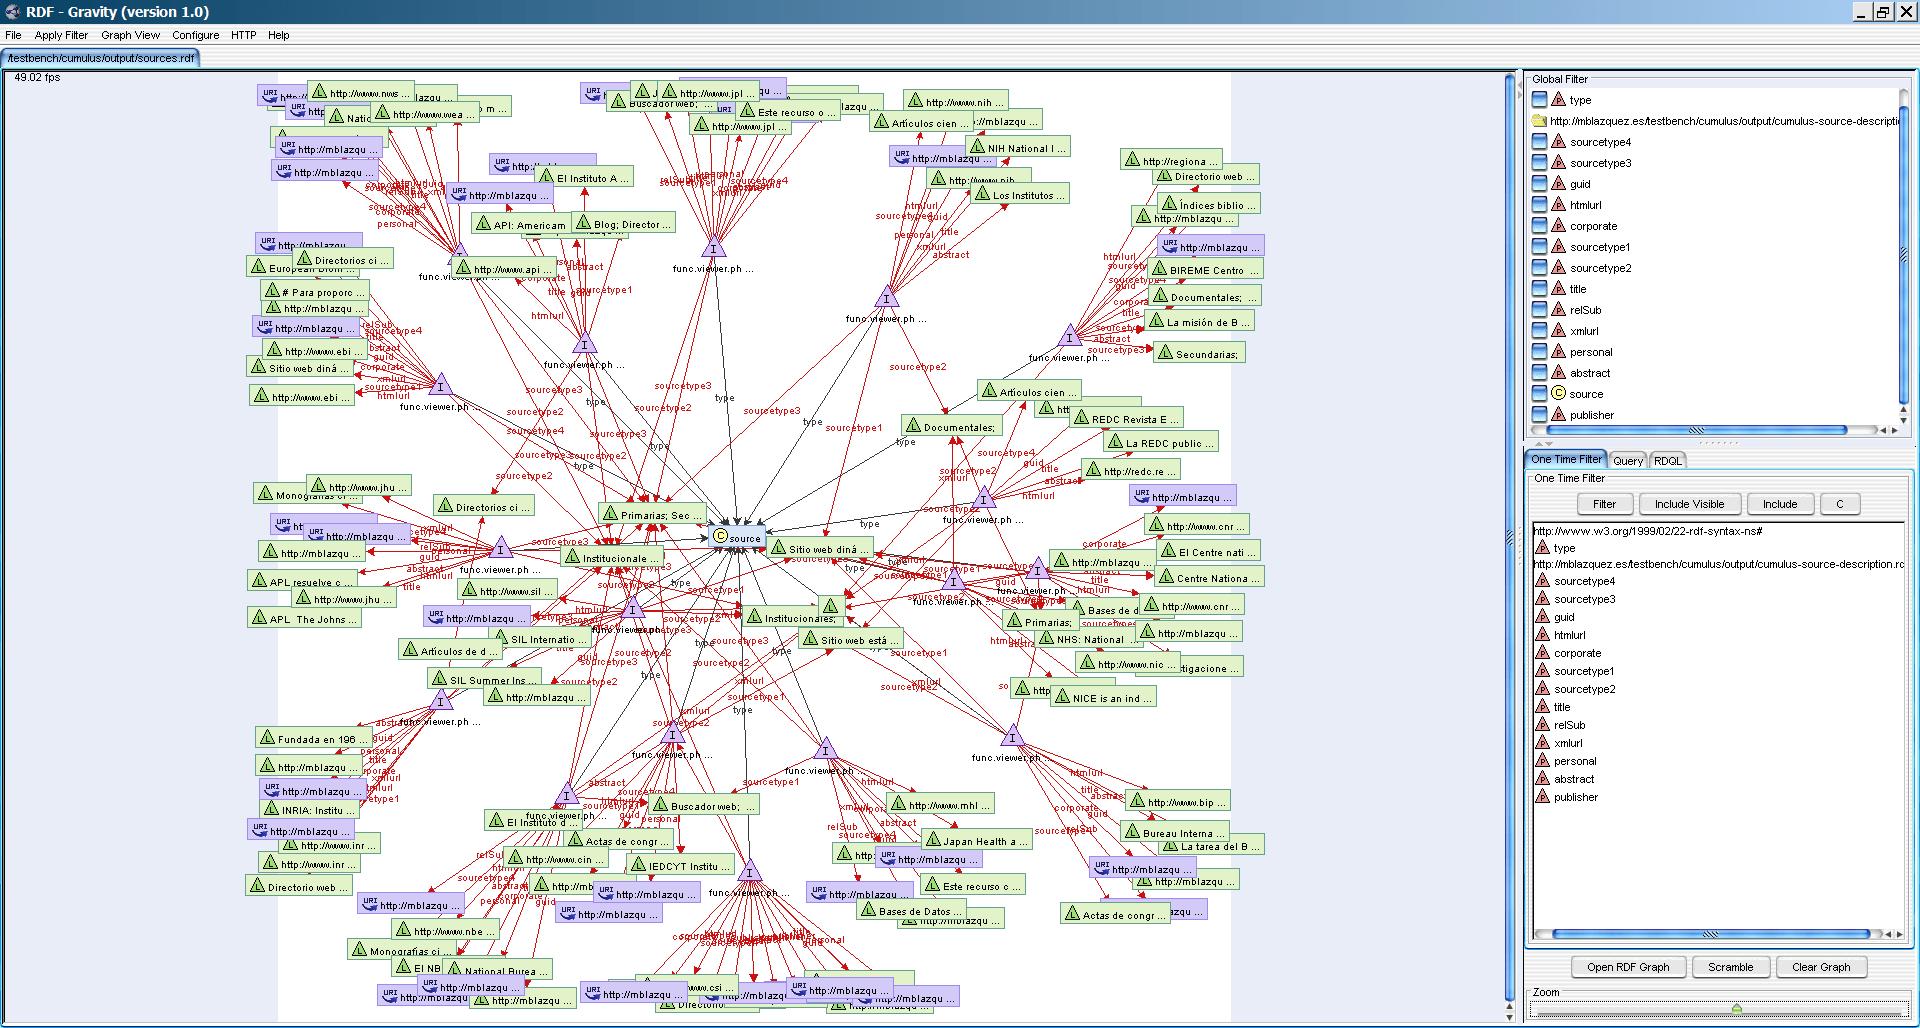 Vista gráfica de la web semántica de fuentes de información catalogadas